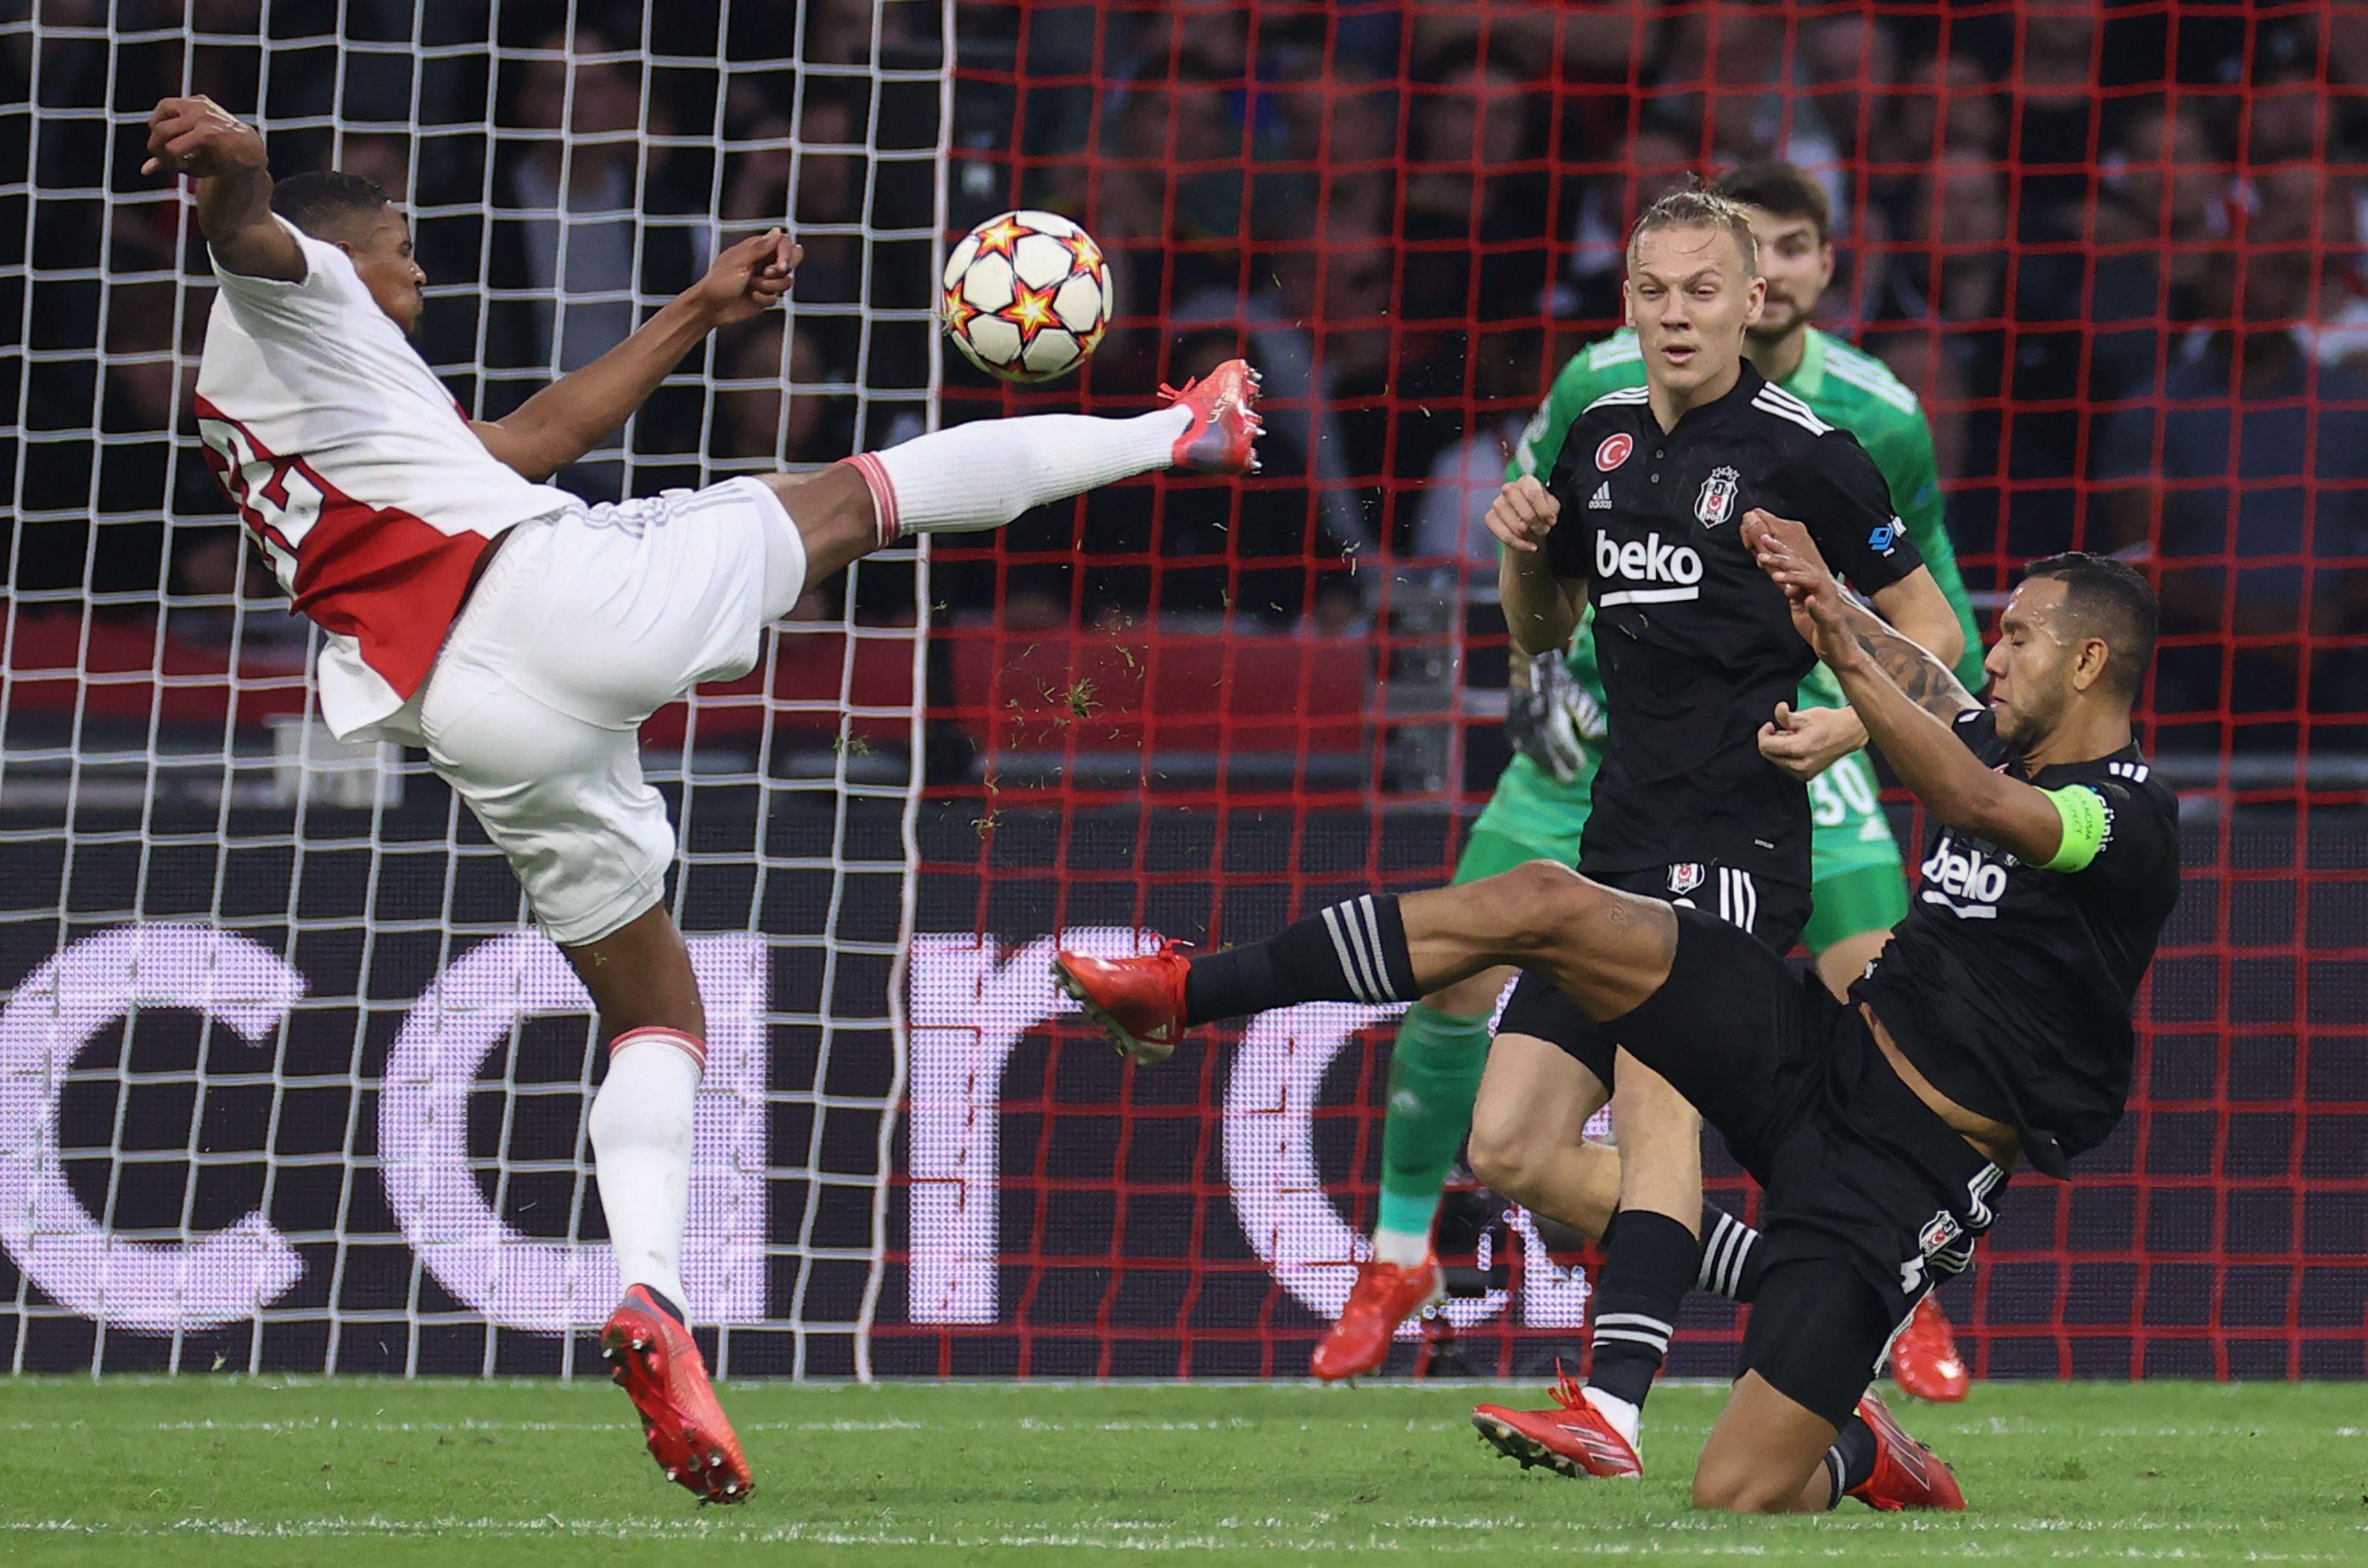 <p>Ajax'ın golcüsü Haller Beşiktaş karşısında kaydettiği gol ile Şampiyonlar Ligi tarihine geçti. Haller Şampiyonlar Ligi'nde çıktığı ilk 2 maçta 5 gol kaydeden tek futbolcu oldu.&nbsp;</p>